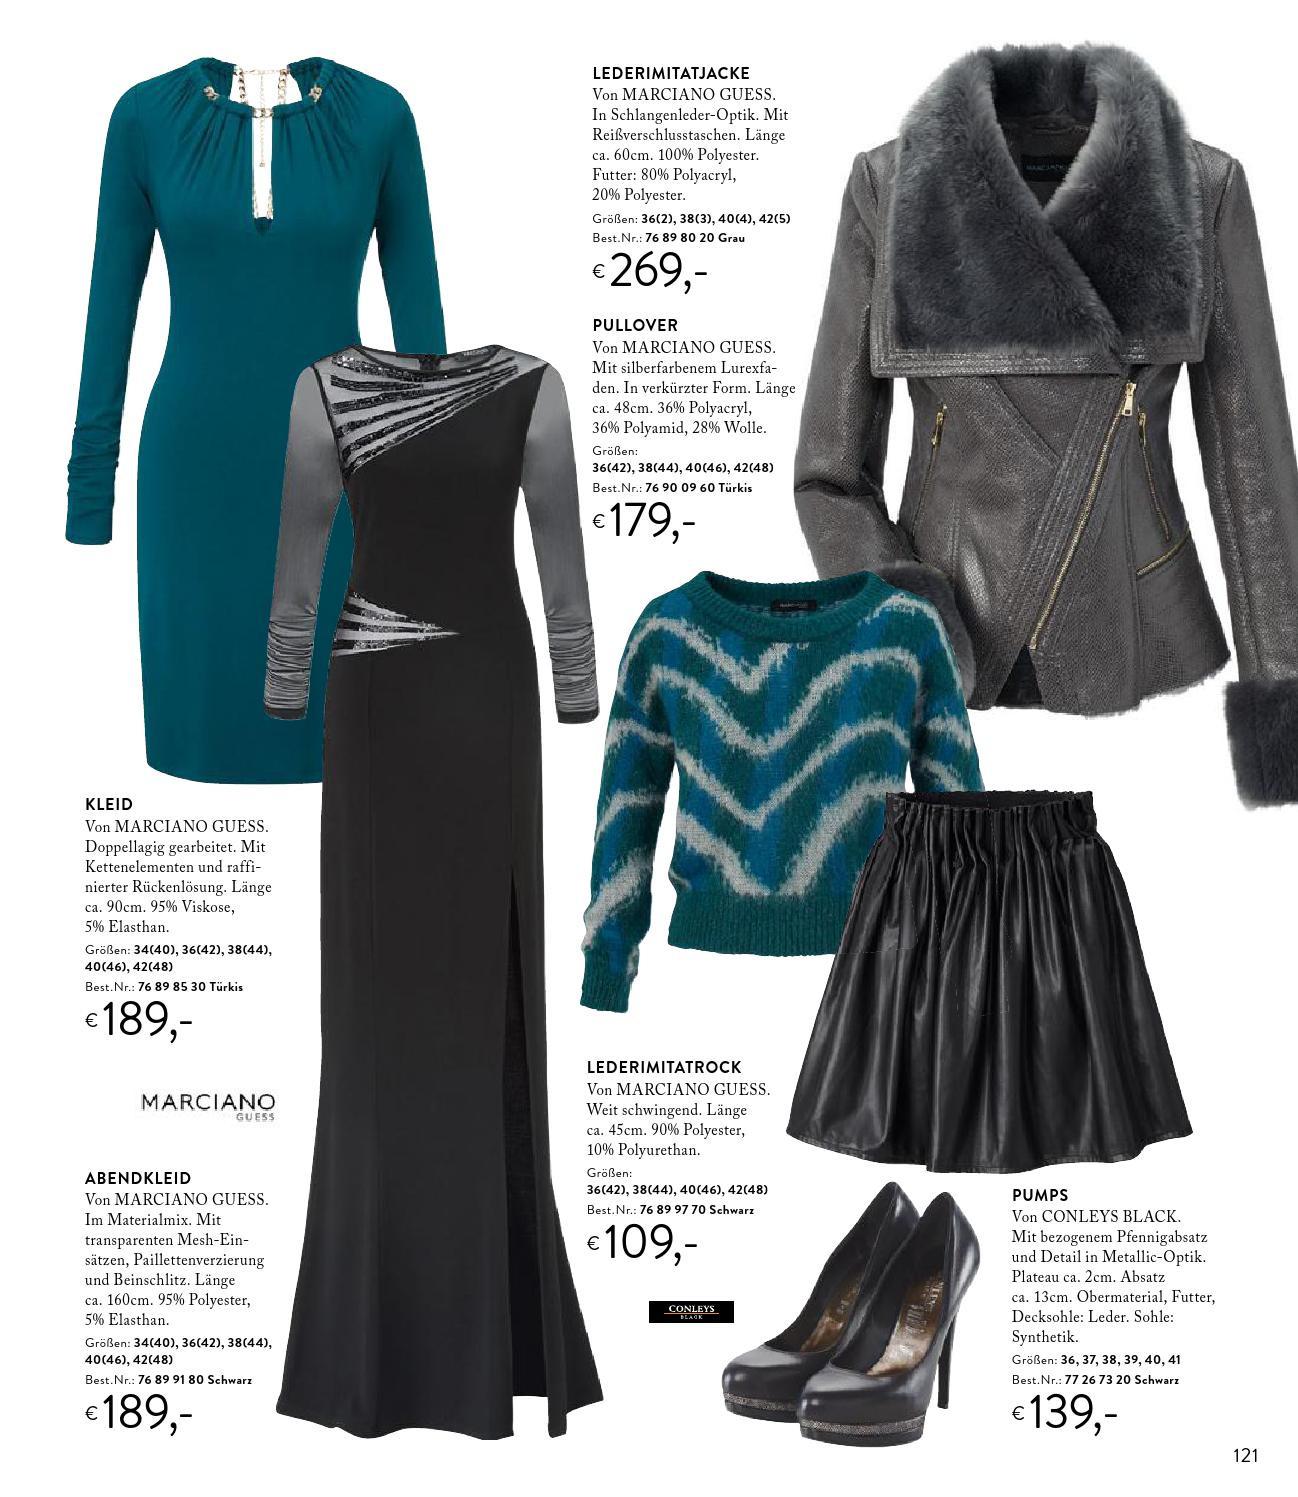 15 Ausgezeichnet Abendkleid 46 Ärmel17 Fantastisch Abendkleid 46 Design